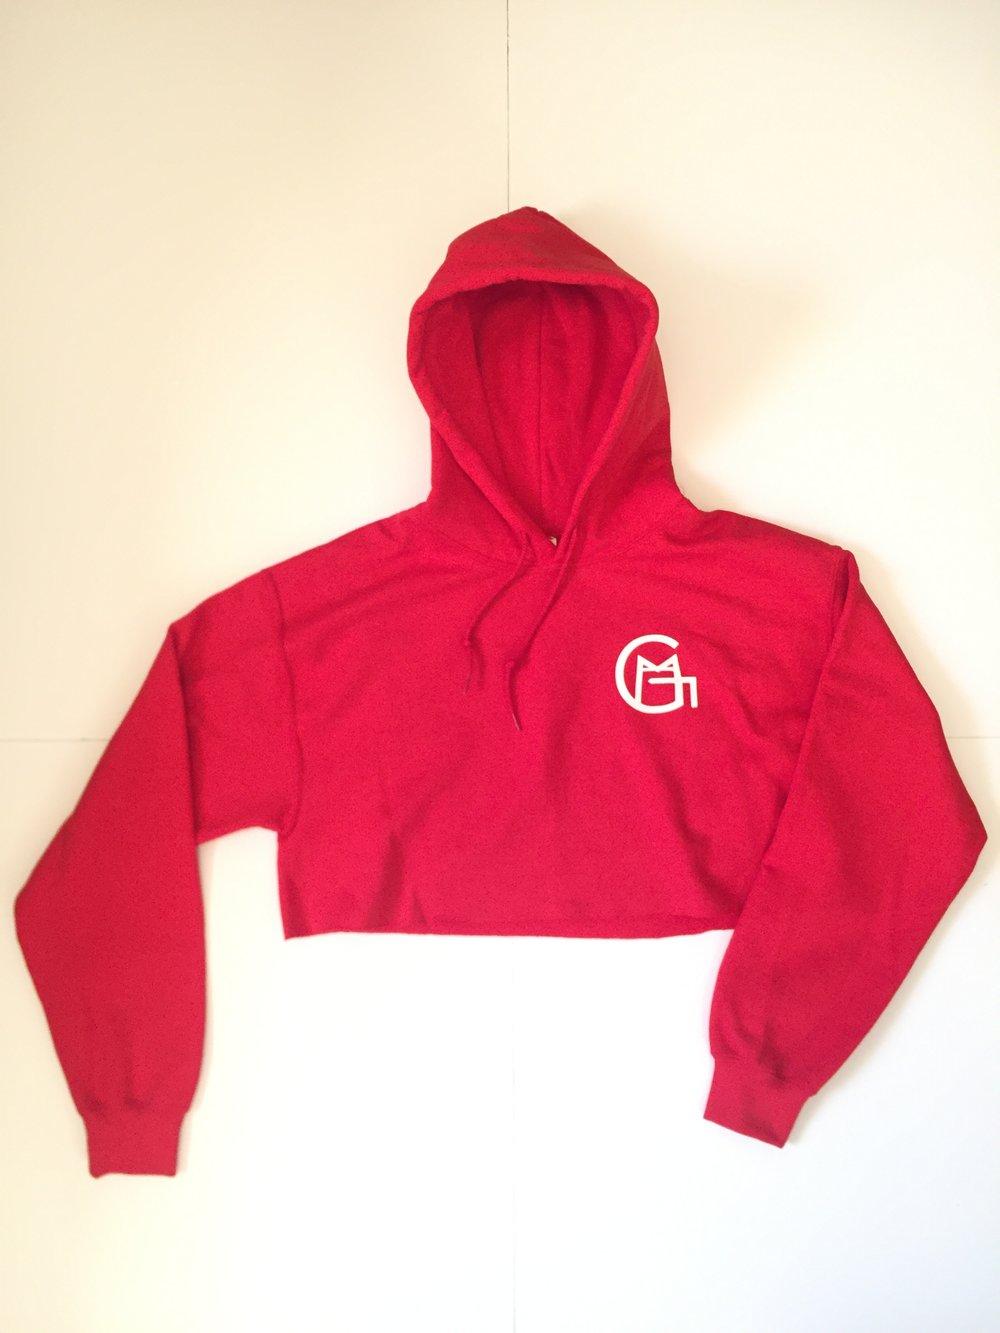 Image of GMAAC Apparel Crop Top Hoodie (Red)